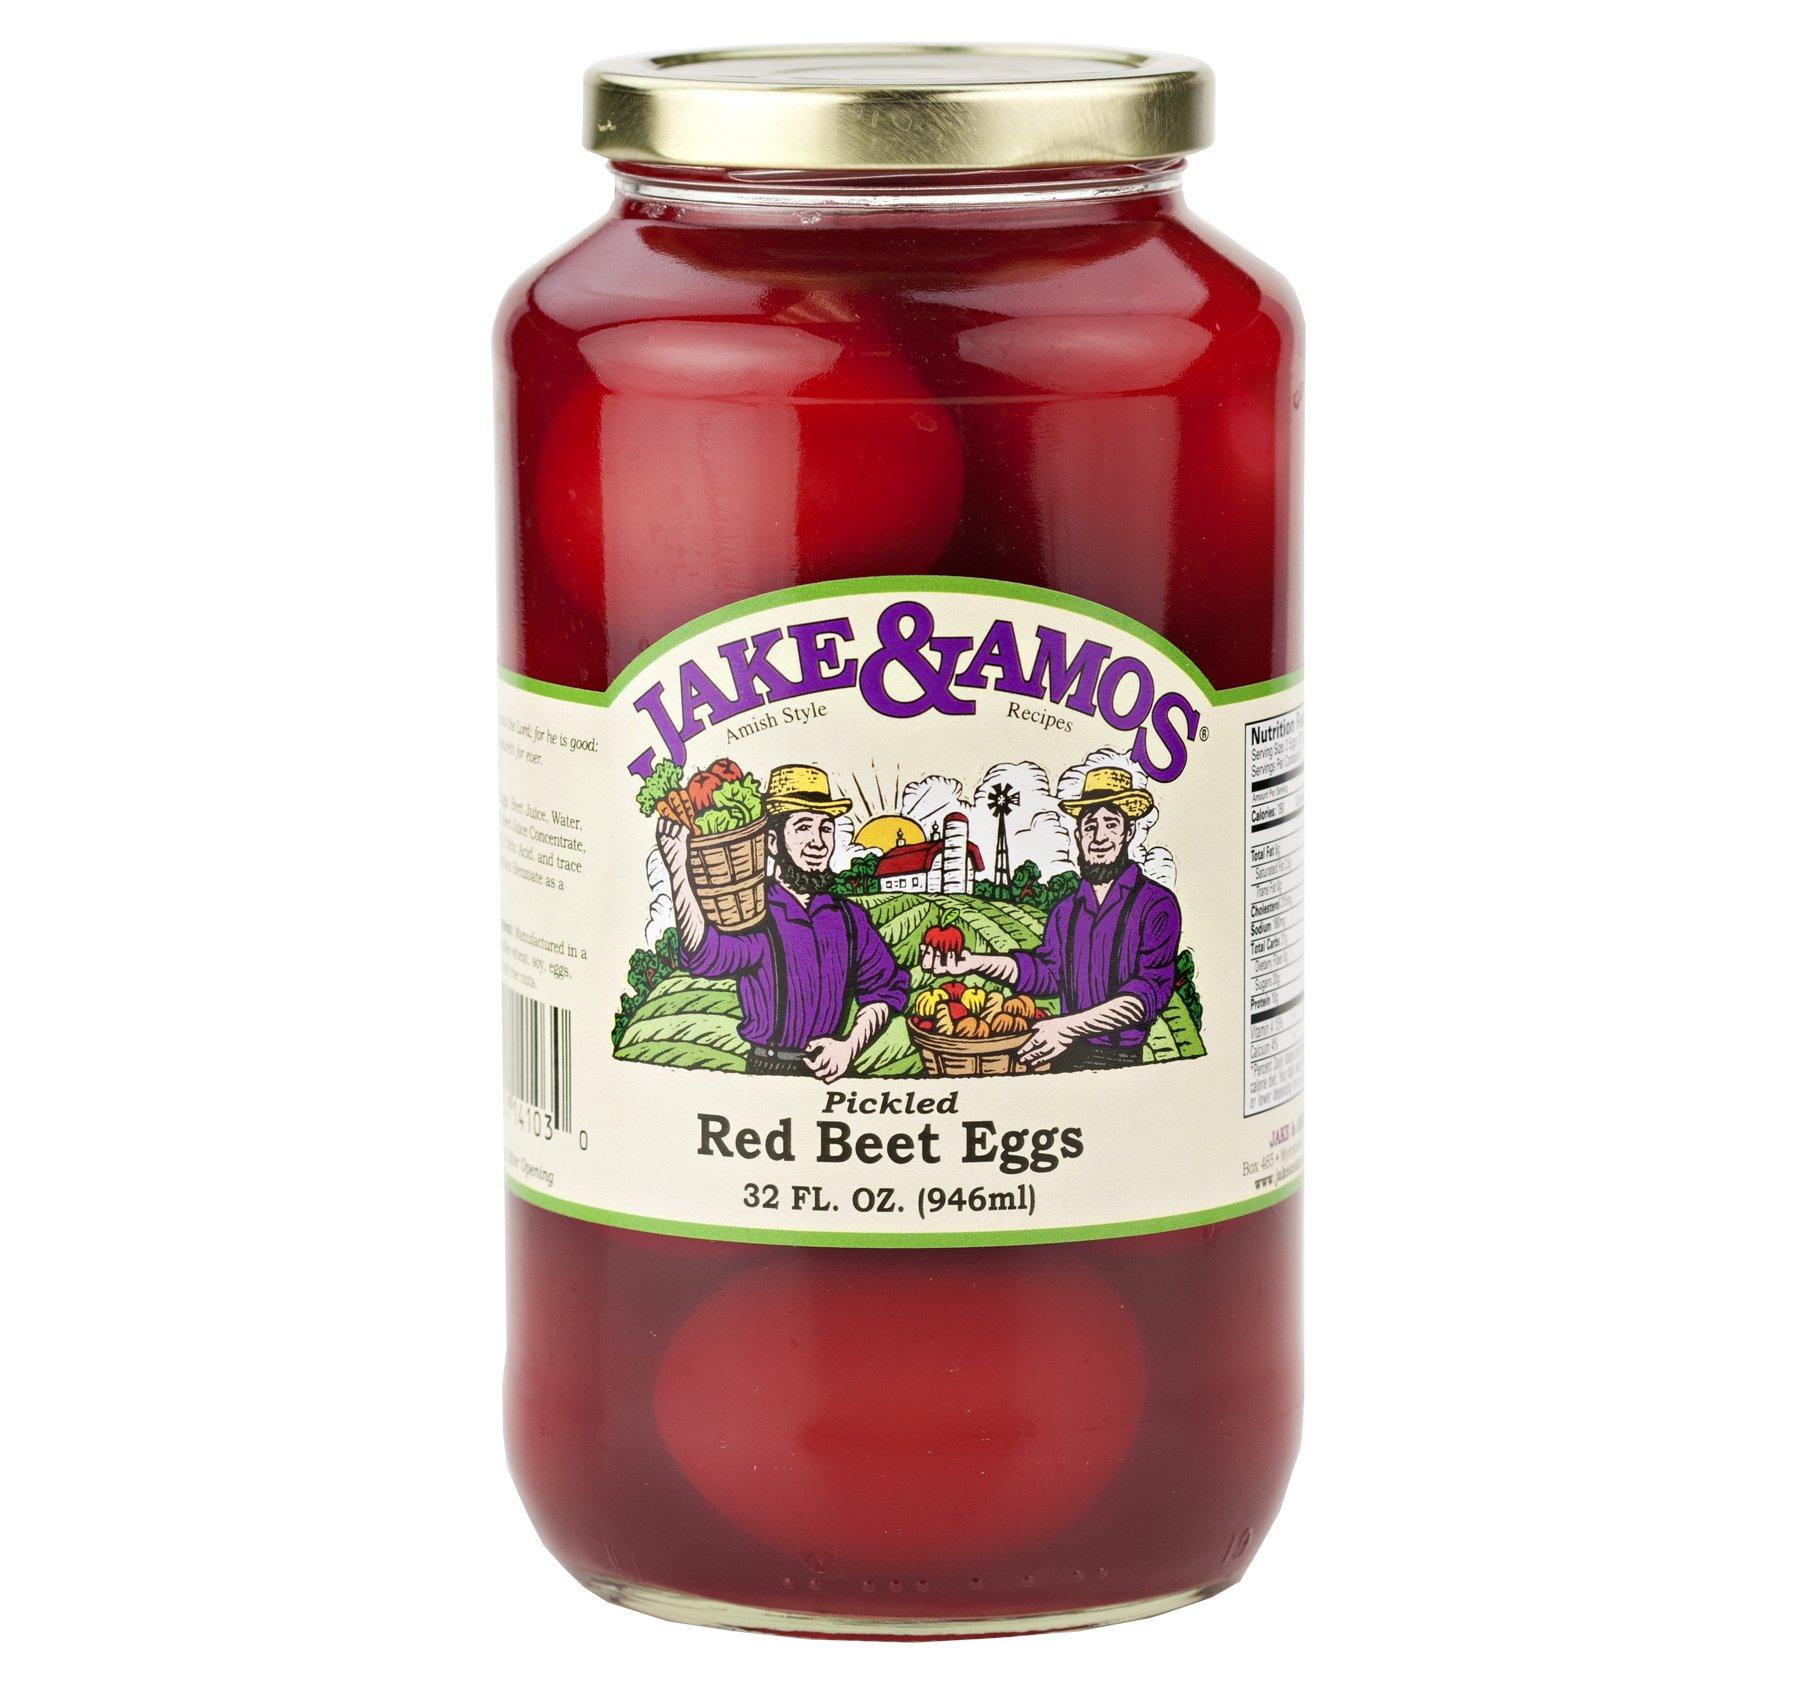 Jake & Amos Pickled Red Beet Eggs 32 Oz. (2 Jars) by Jake & Amos®